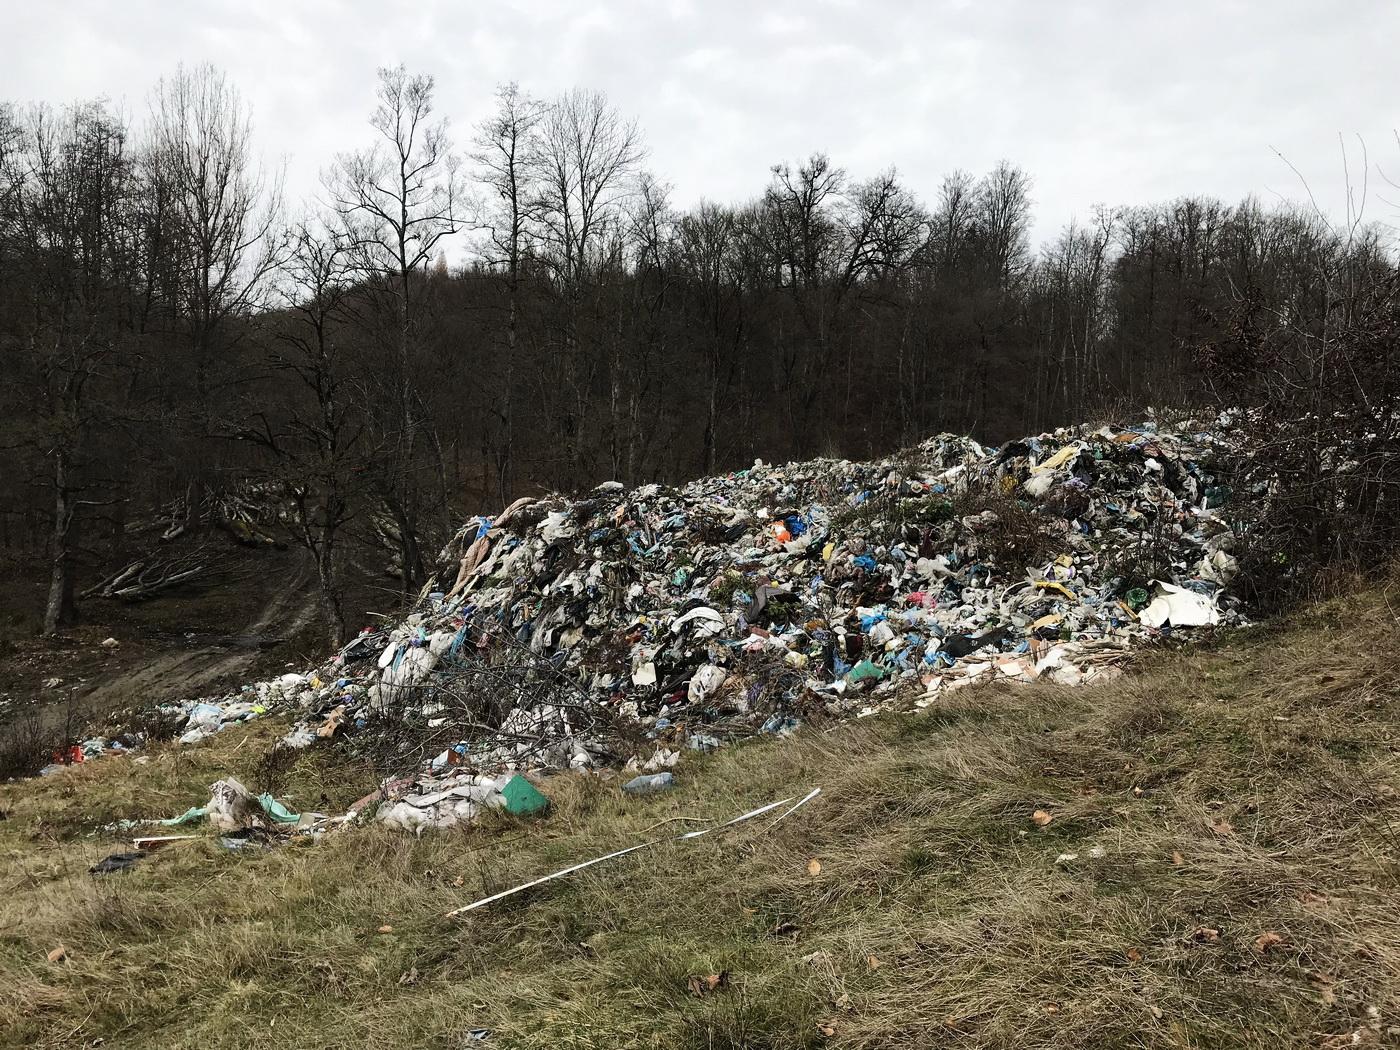 Un dezastru care nu poate fi oprit. Parlamentari USR au vizitat groapa de gunoi de la Măldărești